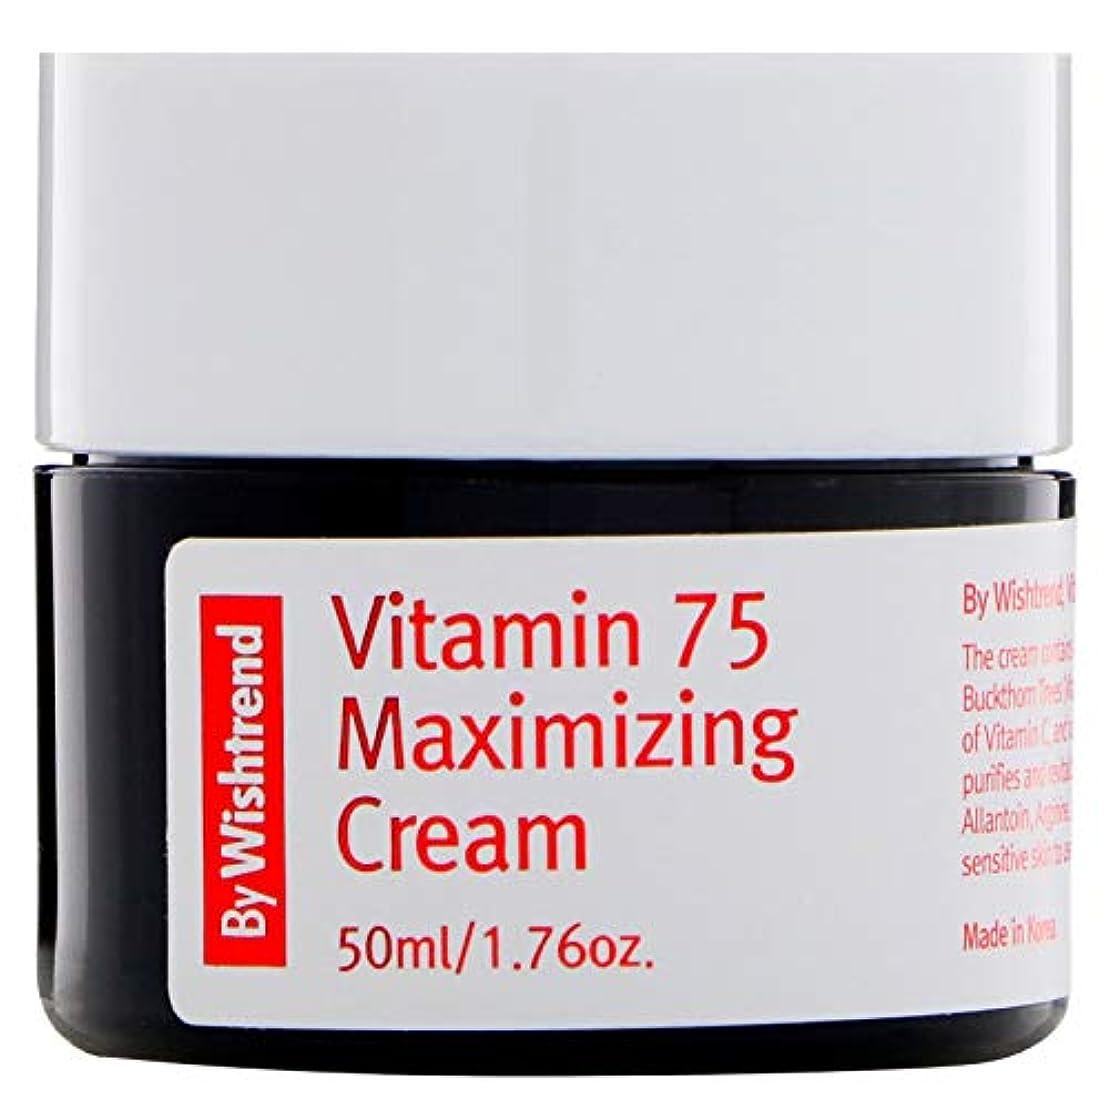 バーゲン幸福器官[BY WISHTREND]ビタミン75 マキシマイジング クリーム, Vitamin 75 Maximizing Cream [並行輸入品]